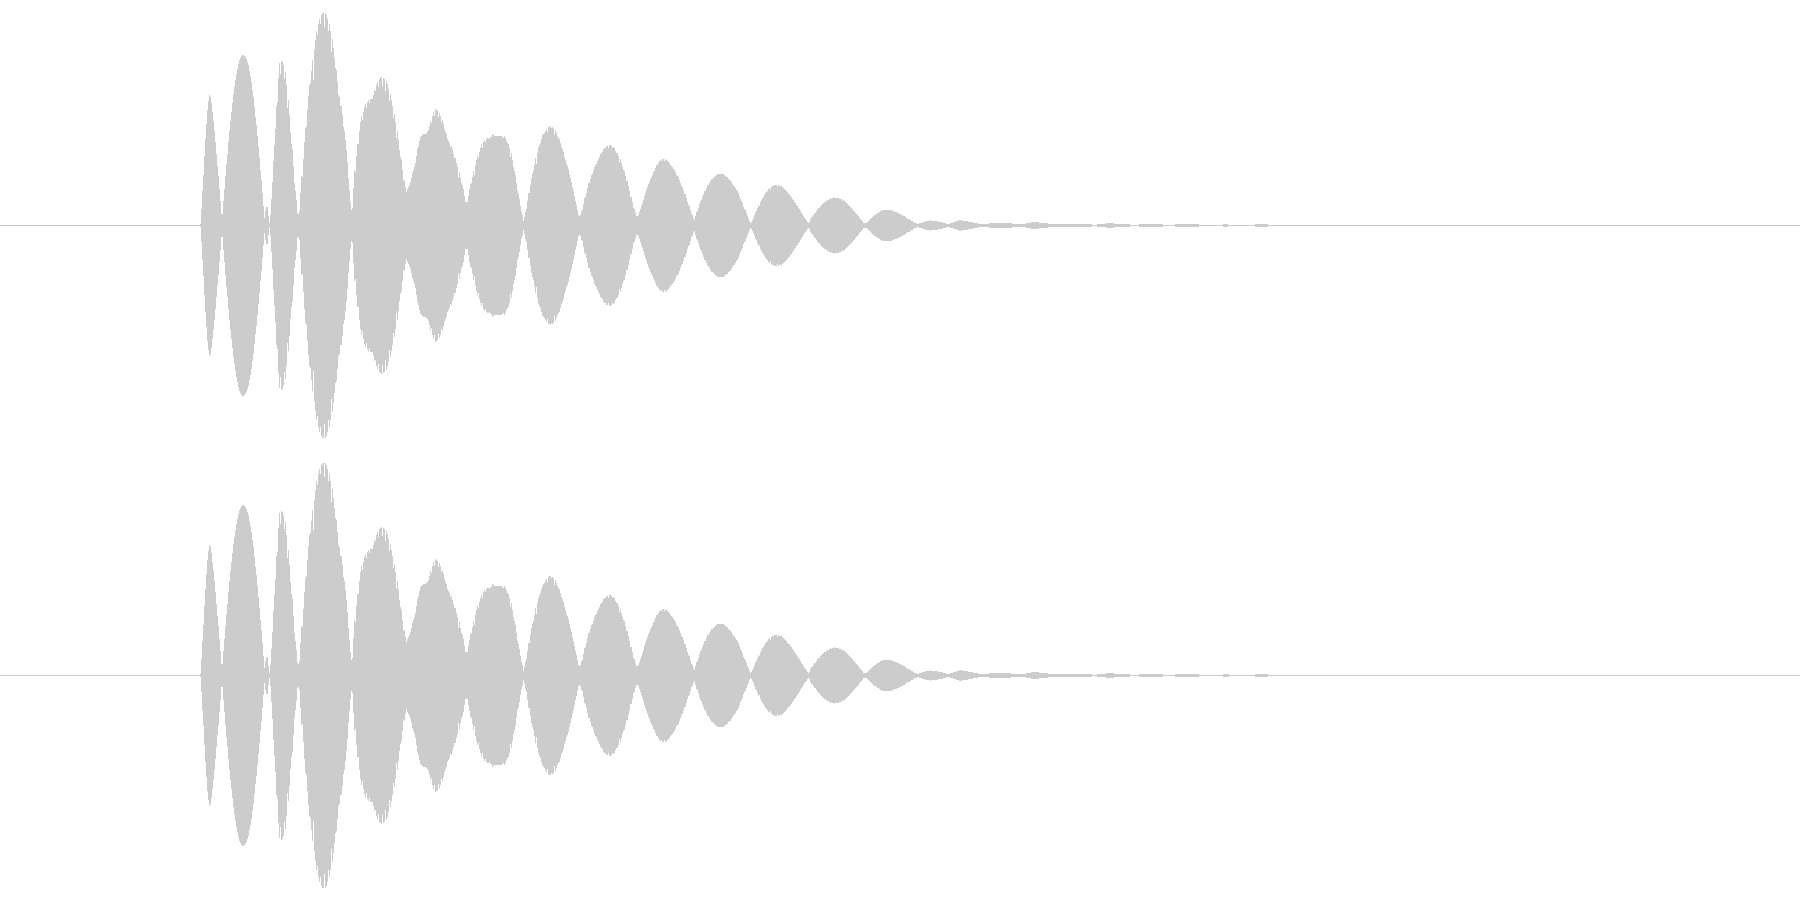 ピコーン(透明感と余韻のある音) 02の未再生の波形